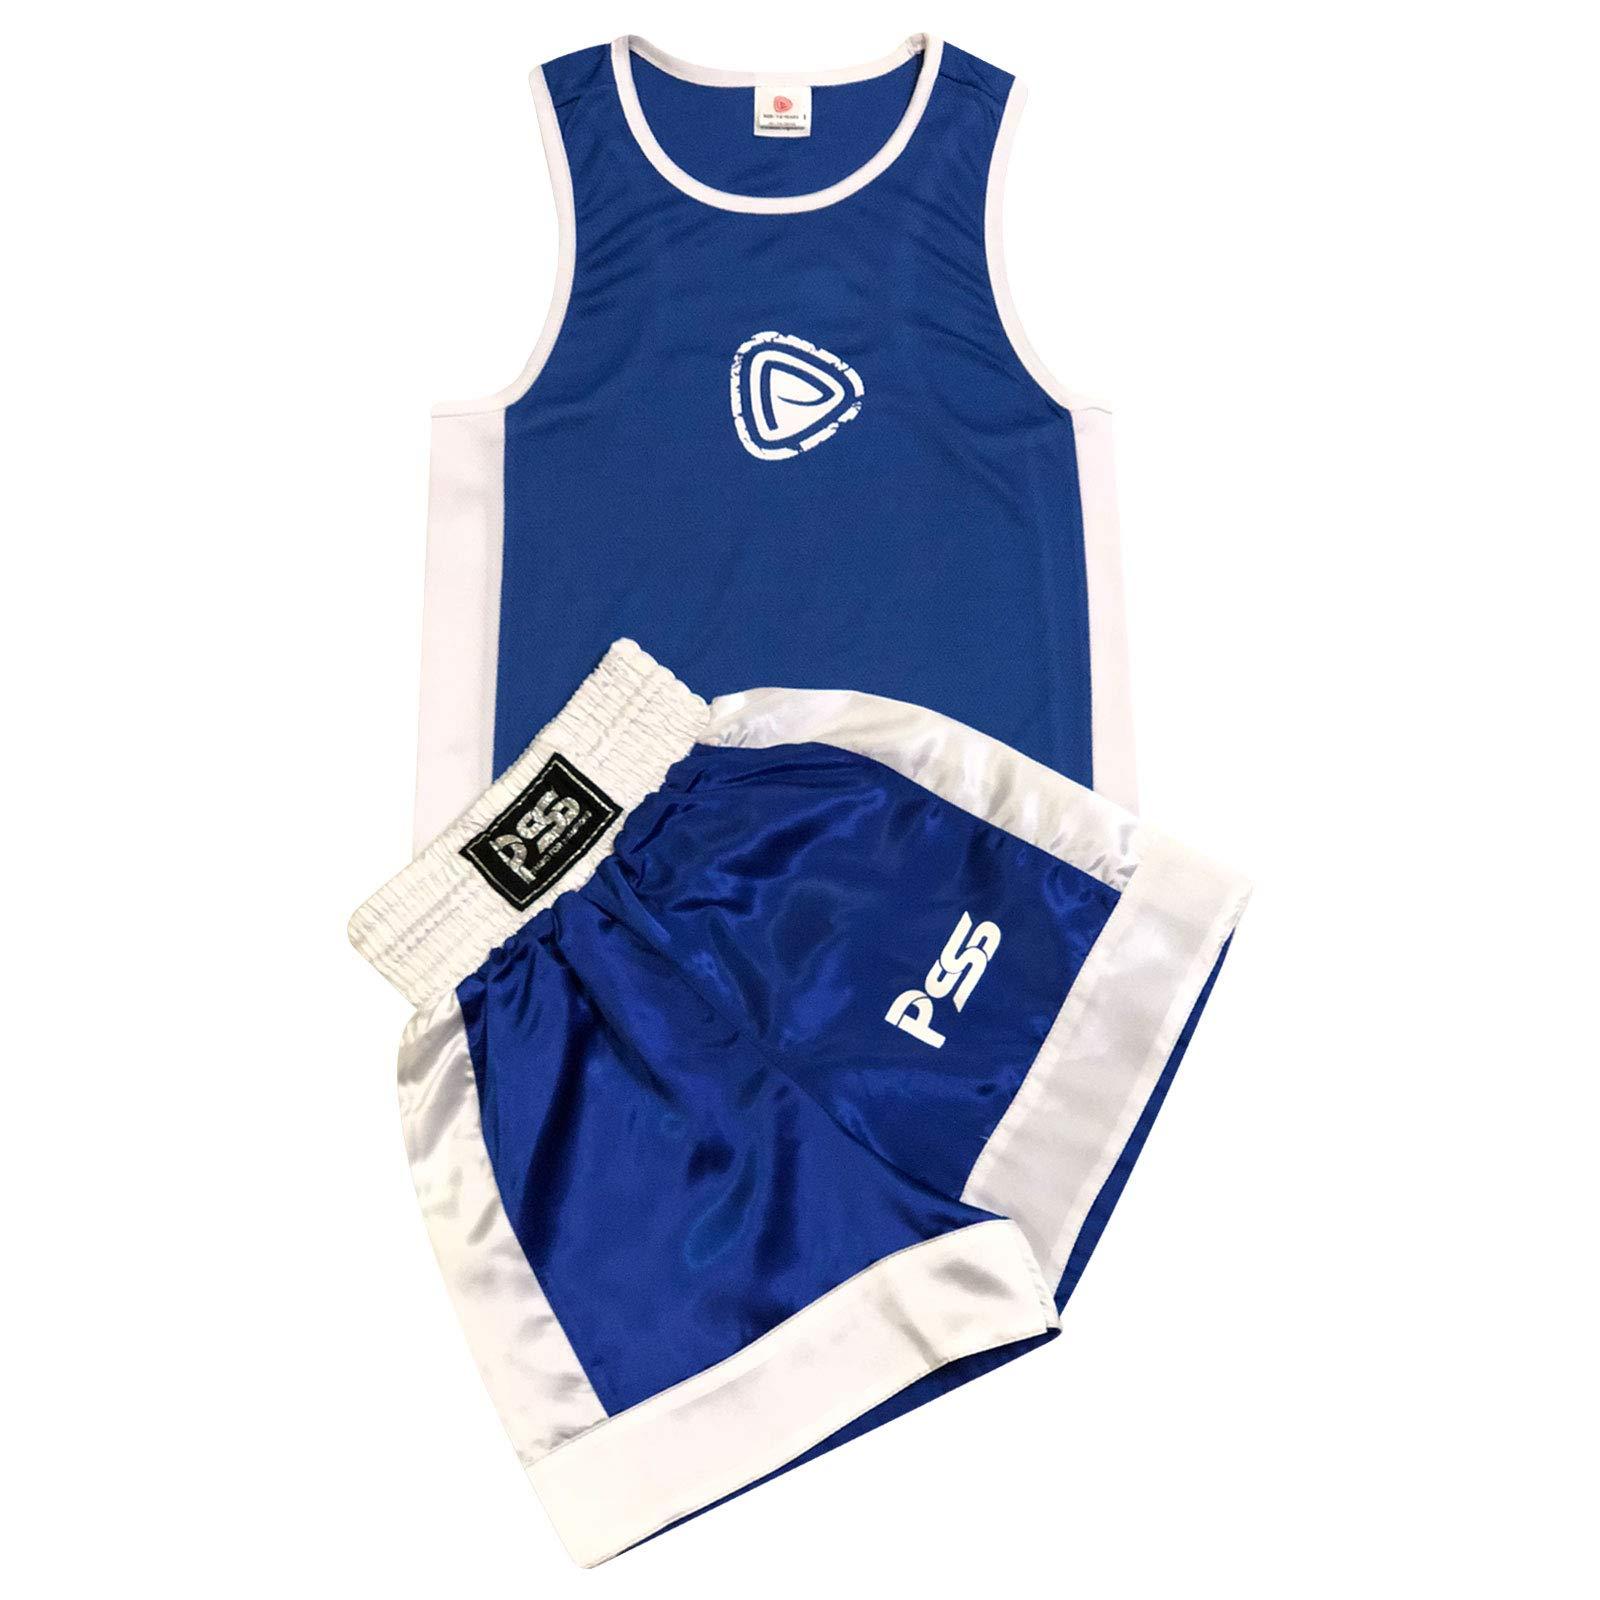 bc1c2ce76f Completo da Boxe Pugilato Bambini Uniforme 2 Pezzi (Canotta & Pantaloncini)  Blu-Bianco